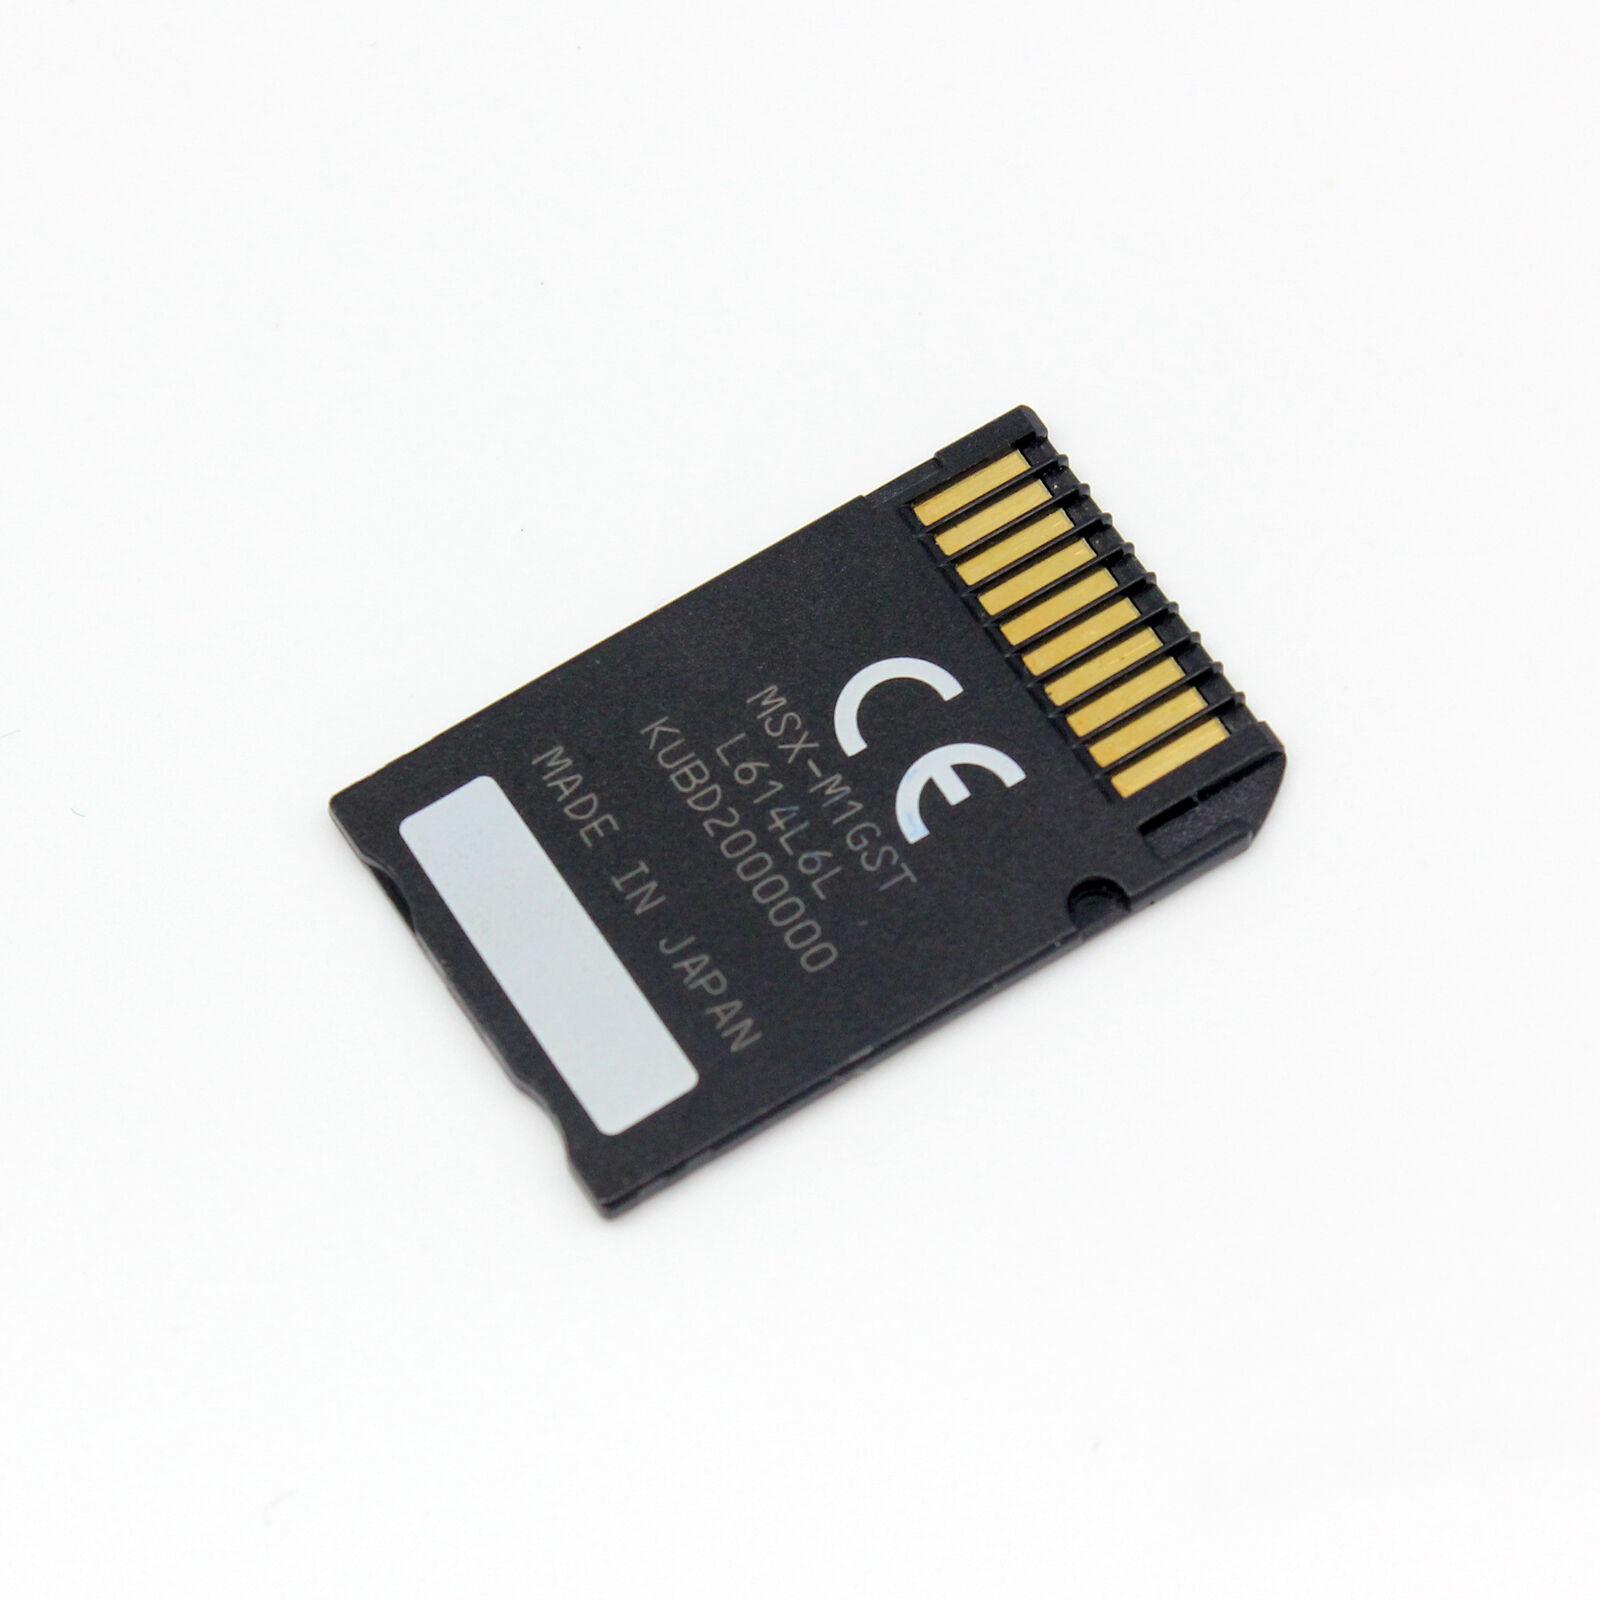 заключение какие карты памяти лучше для фотоаппарата возникло